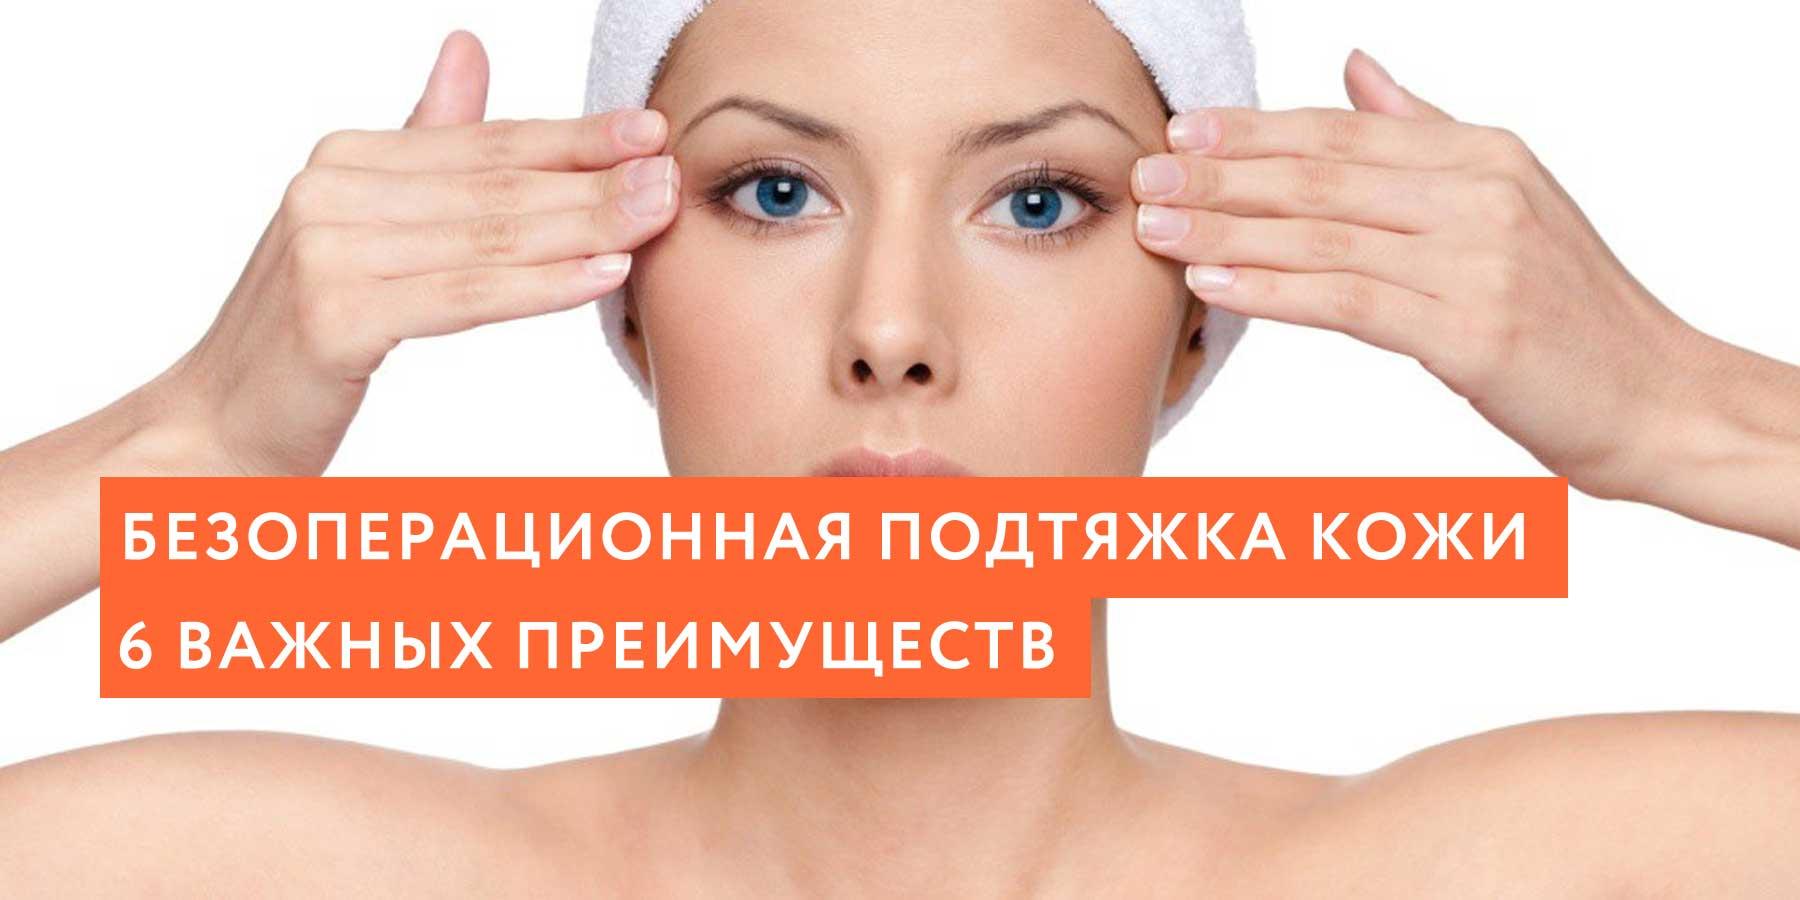 Безоперационная подтяжка кожи: 6 важных преимуществ